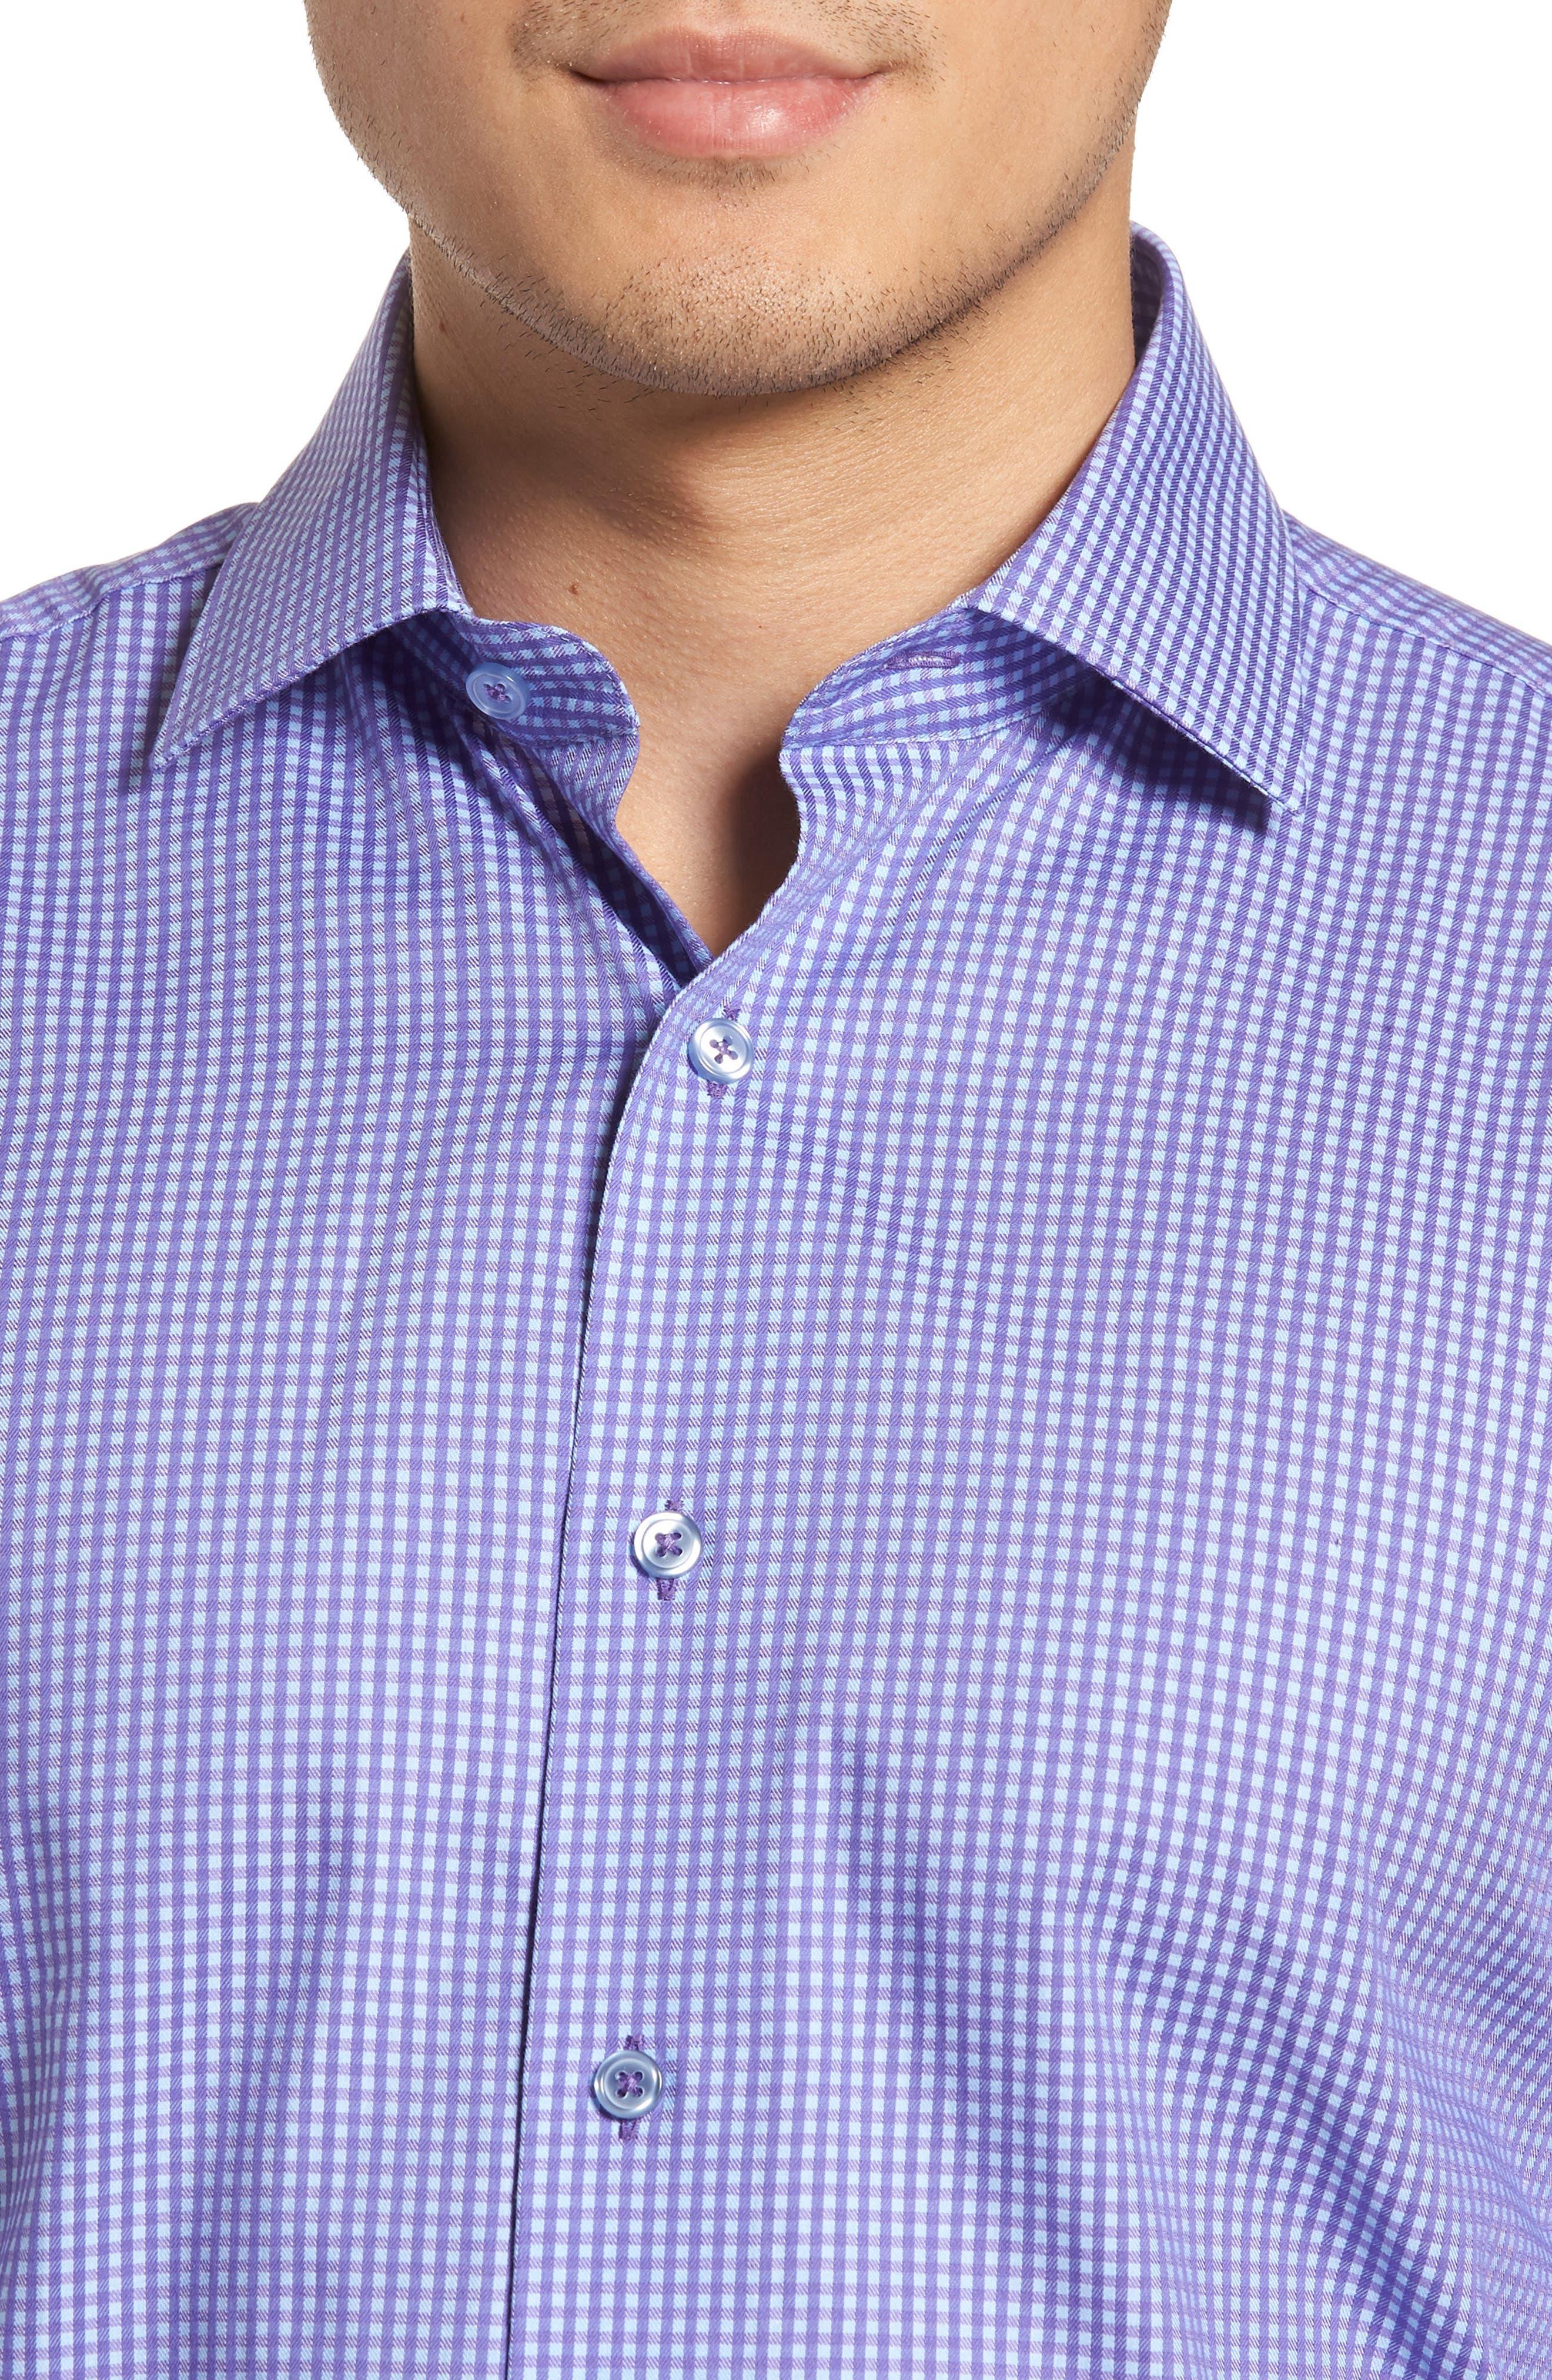 Trim Fit Mini Check Dress Shirt,                             Alternate thumbnail 2, color,                             PURPLE